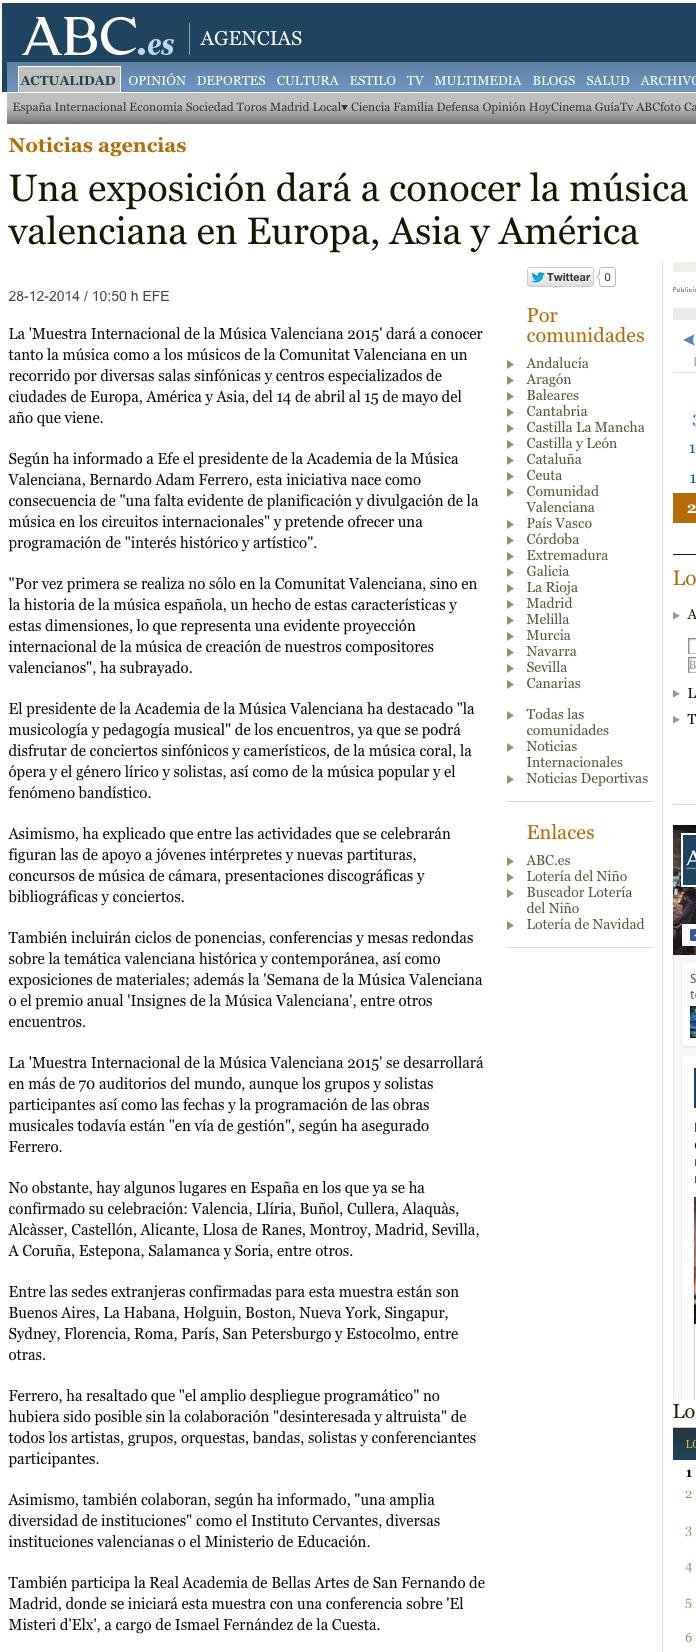 Una exposición dará a conocer la música valenciana